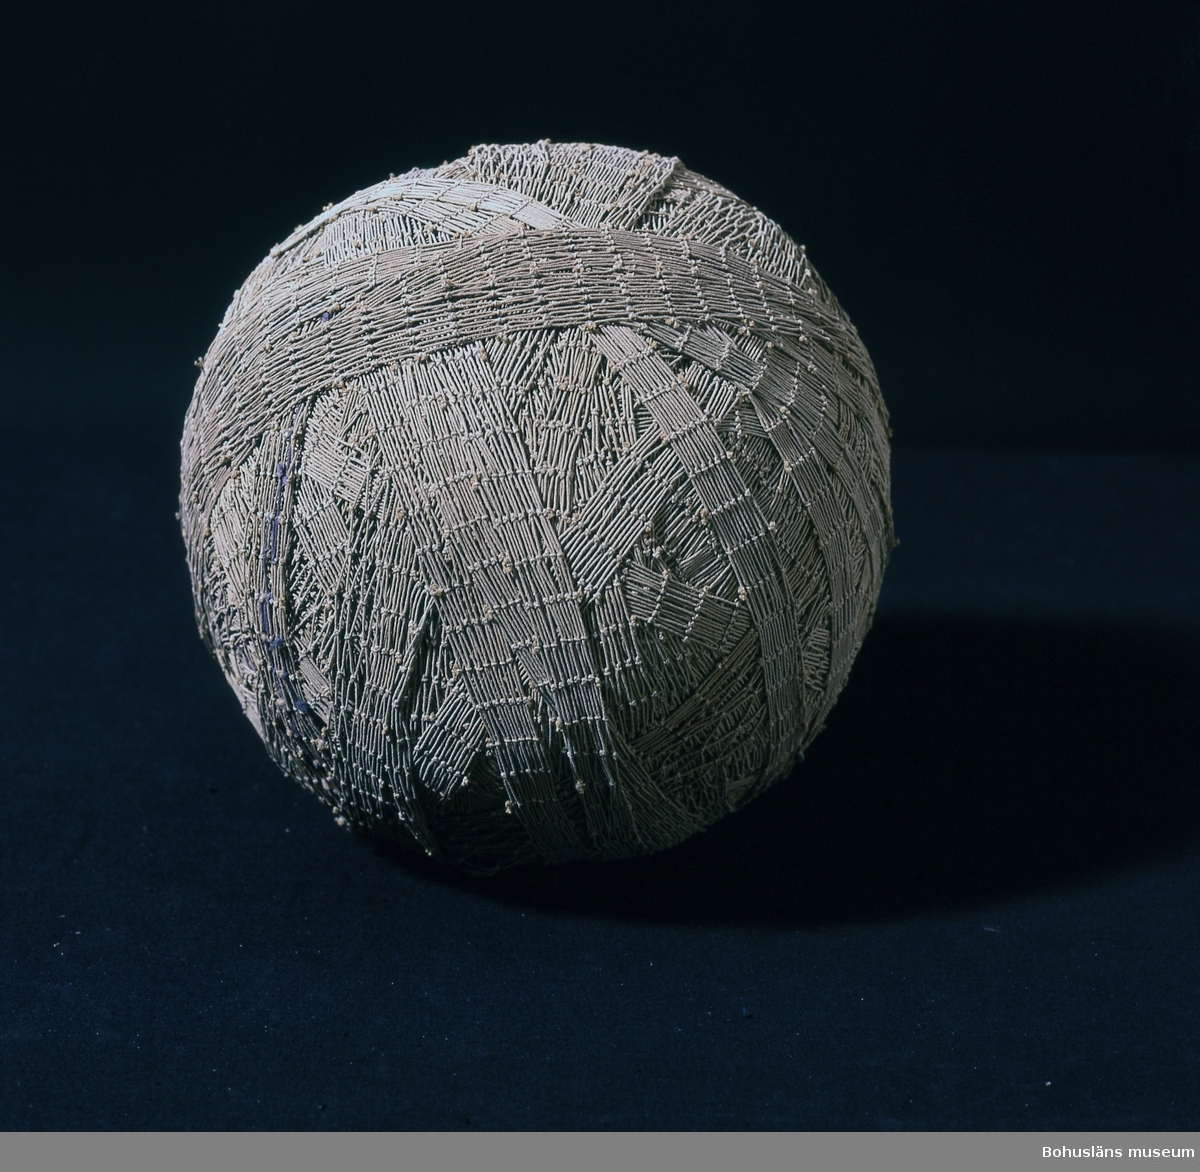 """Runt, grå-beige garnnystan bestående av kasserat fisknät. När gamla fisknät var uttjänta återanvändes de ofta till mattor. Att klippa mattrasor av garn var en sysselsättning för hela familjen - gamla, unga, kvinnor och män. Mattor med inslag av nät var starka och låg bra på golvet enligt givaren. Mattorna hade inslag av både nät och vanliga trasor. Det var viktigt att remsorna klipptes jämt. En del av nätet knöts fast i kökssoffan för att hålla det sträckt vilket gjorde det lättare att räkna stolpar och klippa efter dem och på så sätt få jämnbreda remsor. Nätet klipptes längs med den sida som inte var fäst i soffan och allt eftersom arbetet fortgick flyttades nätets fästpunkt. På en """"vad"""" var ca 15 - 20 stolpar en vanlig bredd. Vaden hade mindre maskor än nätet vilket innebar att det blev ett tätare inslag. """"Vad"""" var ofta färgat i blått eller grått och garnen ofta i olika bruna nyanser. Mattorna gjordes rent i saltvatten på så sätt blev de styva och låg plant på golvet och saltet förhindrade även färgerna att färga av sig.  Brukaren är givarens mor. Eventuellt kan nystanet vara tänkt att användas av givarens farmor som också bodde på Smögen. Tillverkaren är trolig. Han var givarens bror och mycket duktig på att klippa mattrasor av fisknät.  Maria Rödström, gift med Karl-Olof Rödström, f. 1916. Karl-Olof Rödström var son till Evert Rödström, f. 1898 och Irene Rödström (1903 - 1995). Evert och Irene är också föräldrar till Karin Rödström.  Evert är bror till Gertrud Linnea Gunnarsson, f. 1896 med dottern Berit Gunnarsson, f. 1922. Evert och Gertrud Linneas föräldrar är Frans Rödström, f. 1871 och Sofia Rödström , f. 1872  Se flera föremål från Smögen i samlingarna från denna Smögenfamilj. Intervju med Maria Rödström förvaras under Intervjuserien, Etnologi, Ämbetsarkivet."""